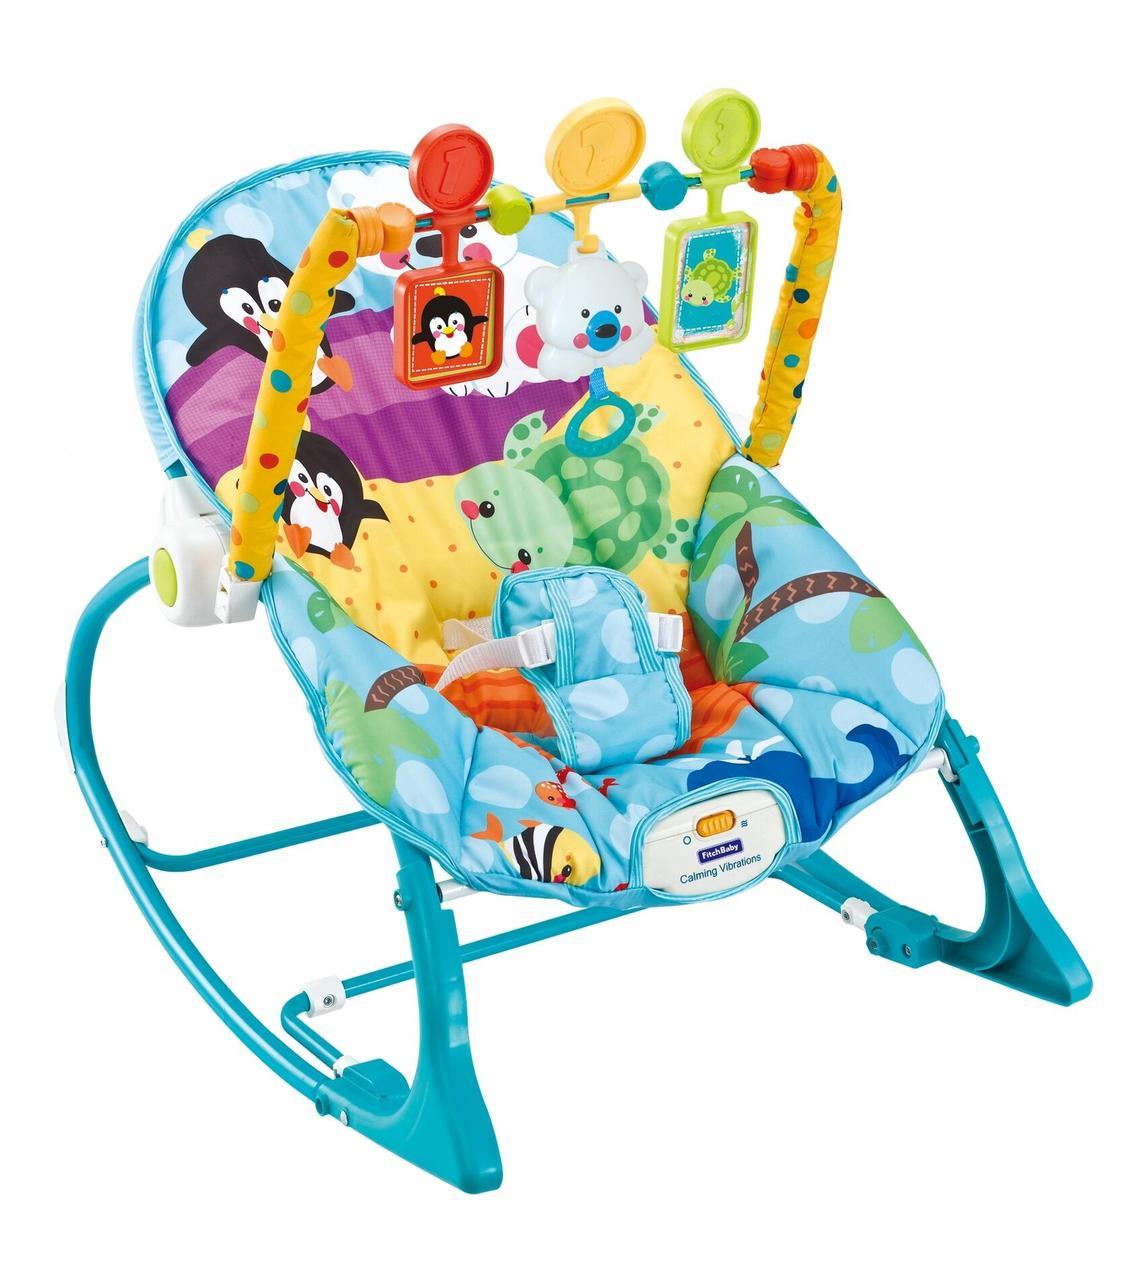 Детский шезлонг-качалка 2 в 1 FitchBaby 8615, 0-18 кг, вибрация и мелодия